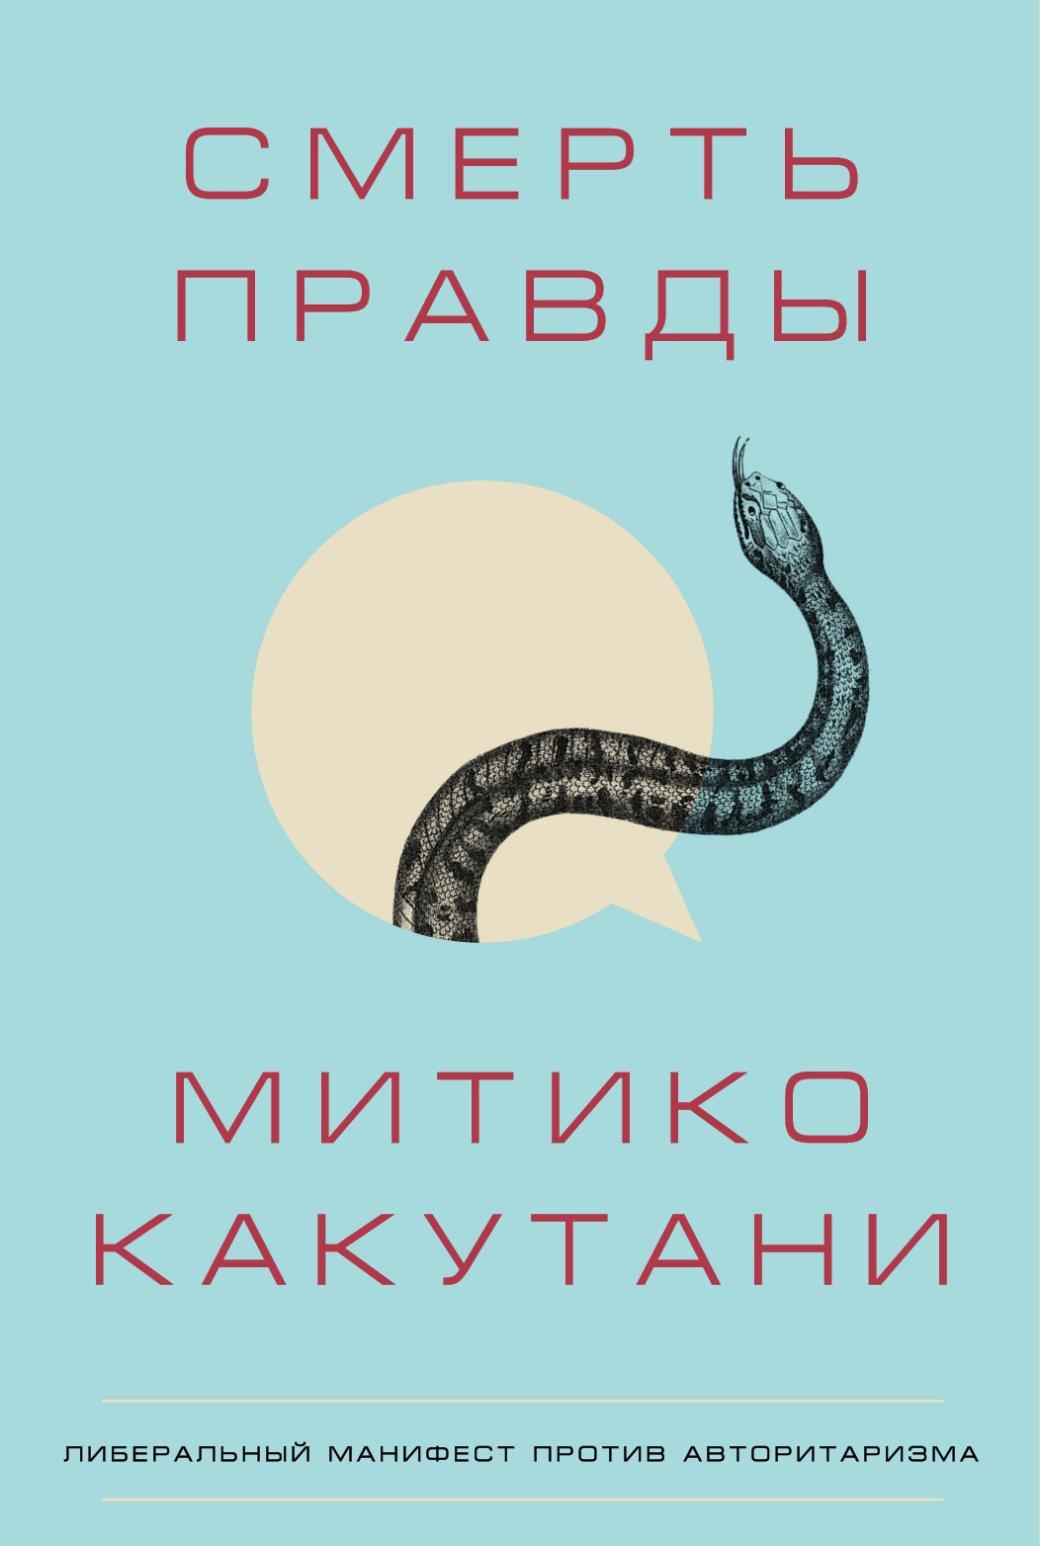 Лучшие ихудшие книги 2019 | Канобу - Изображение 0